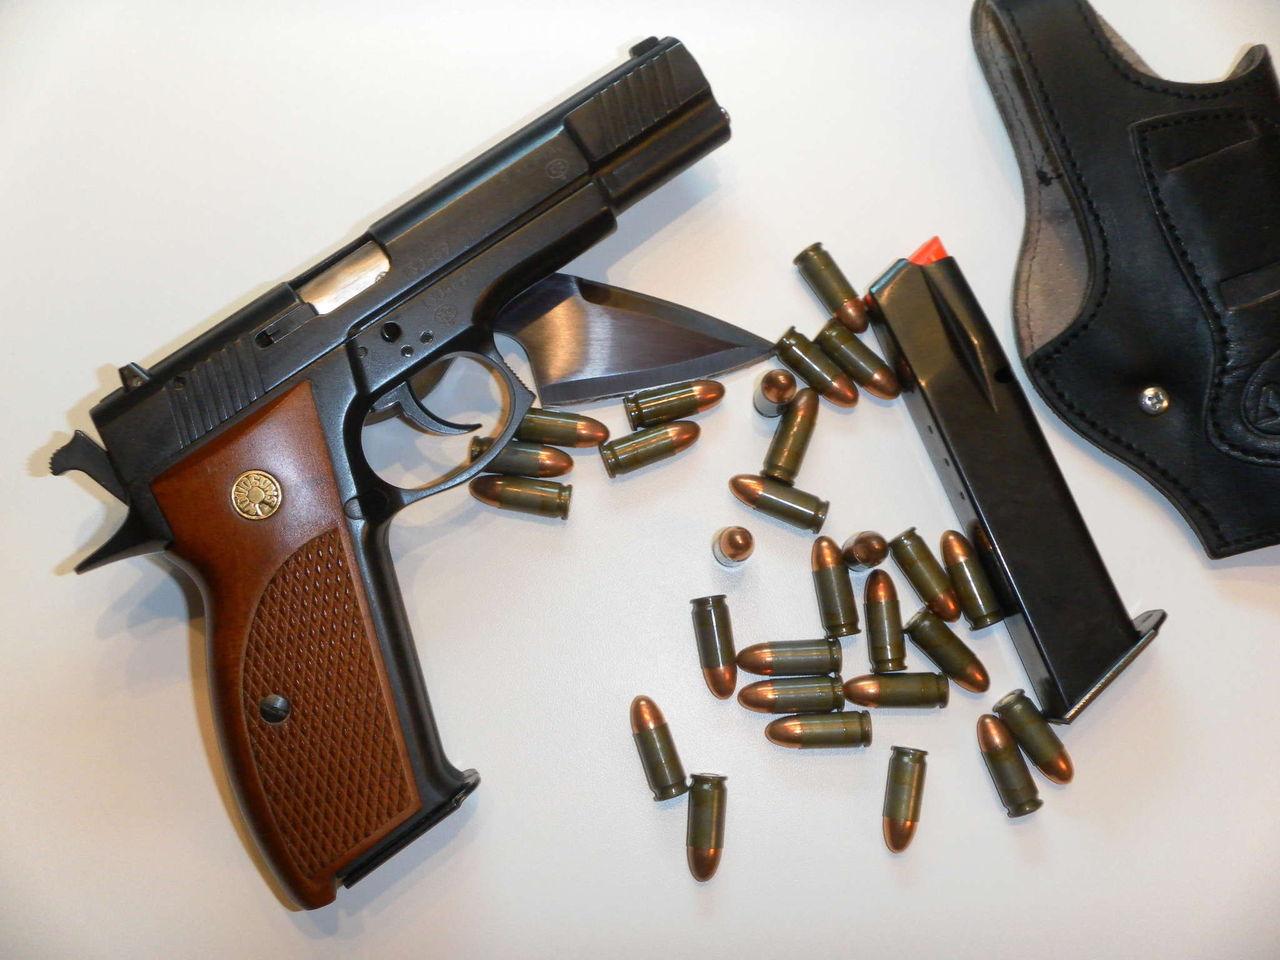 травматическое оружие всего мира фото и цены